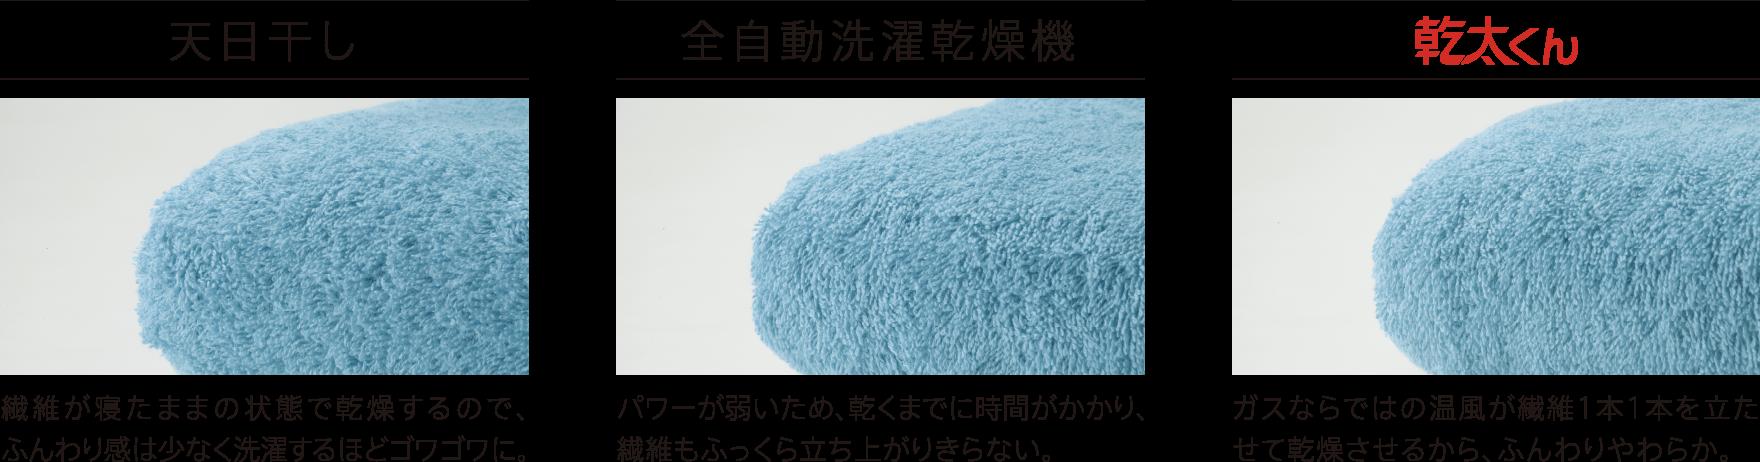 リンナイガス衣類乾燥機経済性